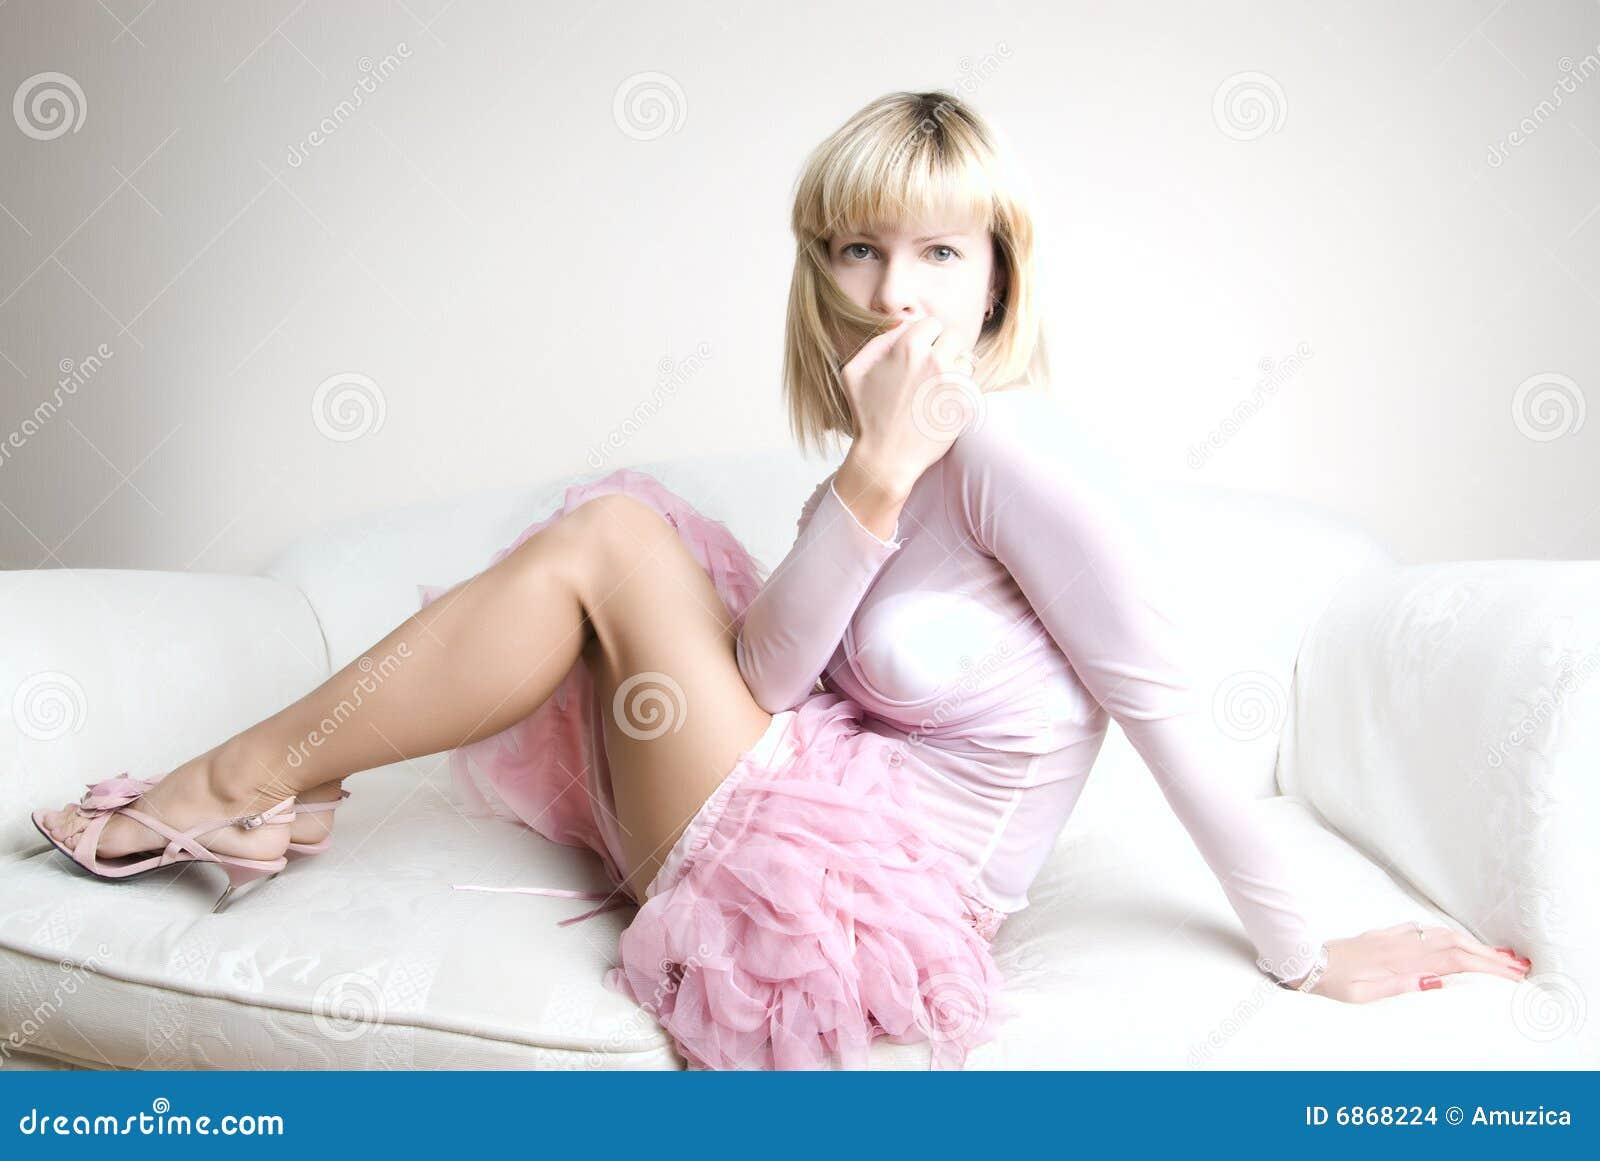 девушка застенчивая